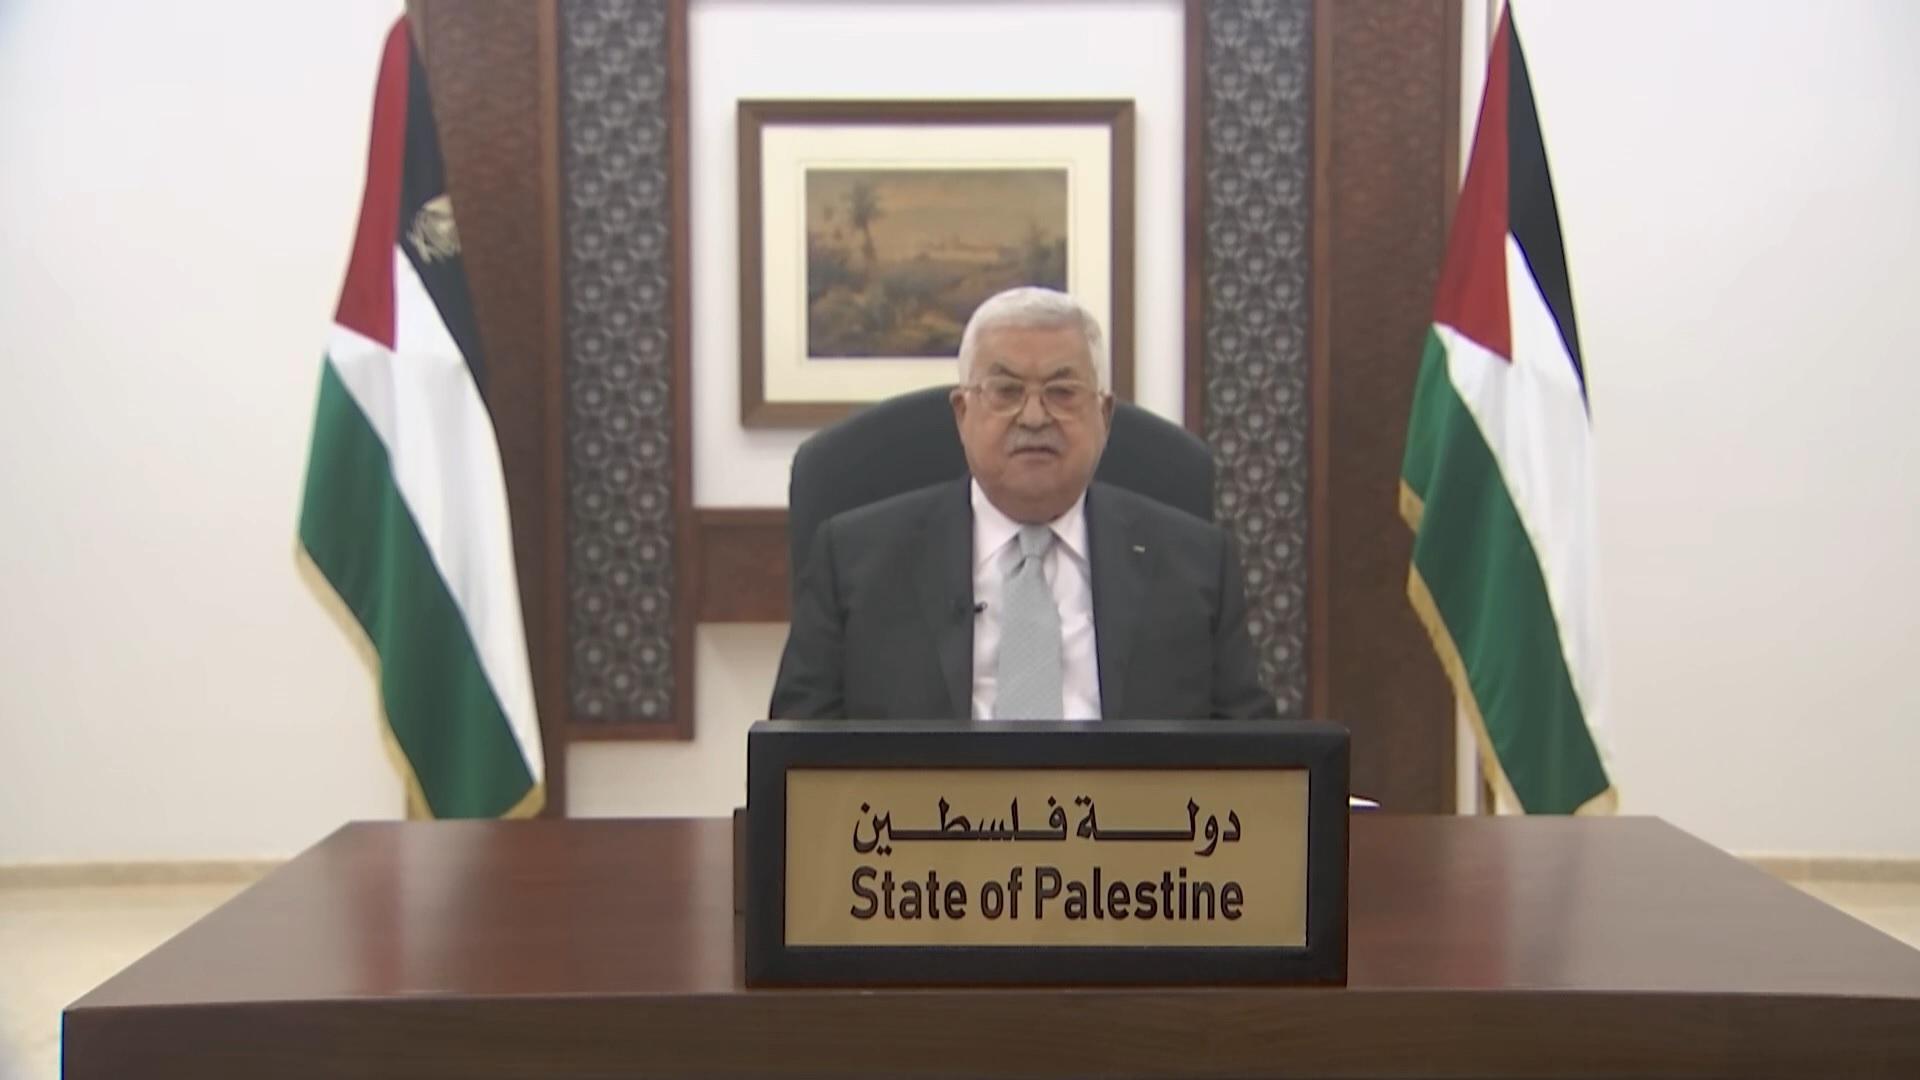 الرئيس بذكرى إنشاء الأمم المتحدة: قضية فلسطين تبقى الامتحان الأكبر للمنظومة الدولية ومصداقيتها